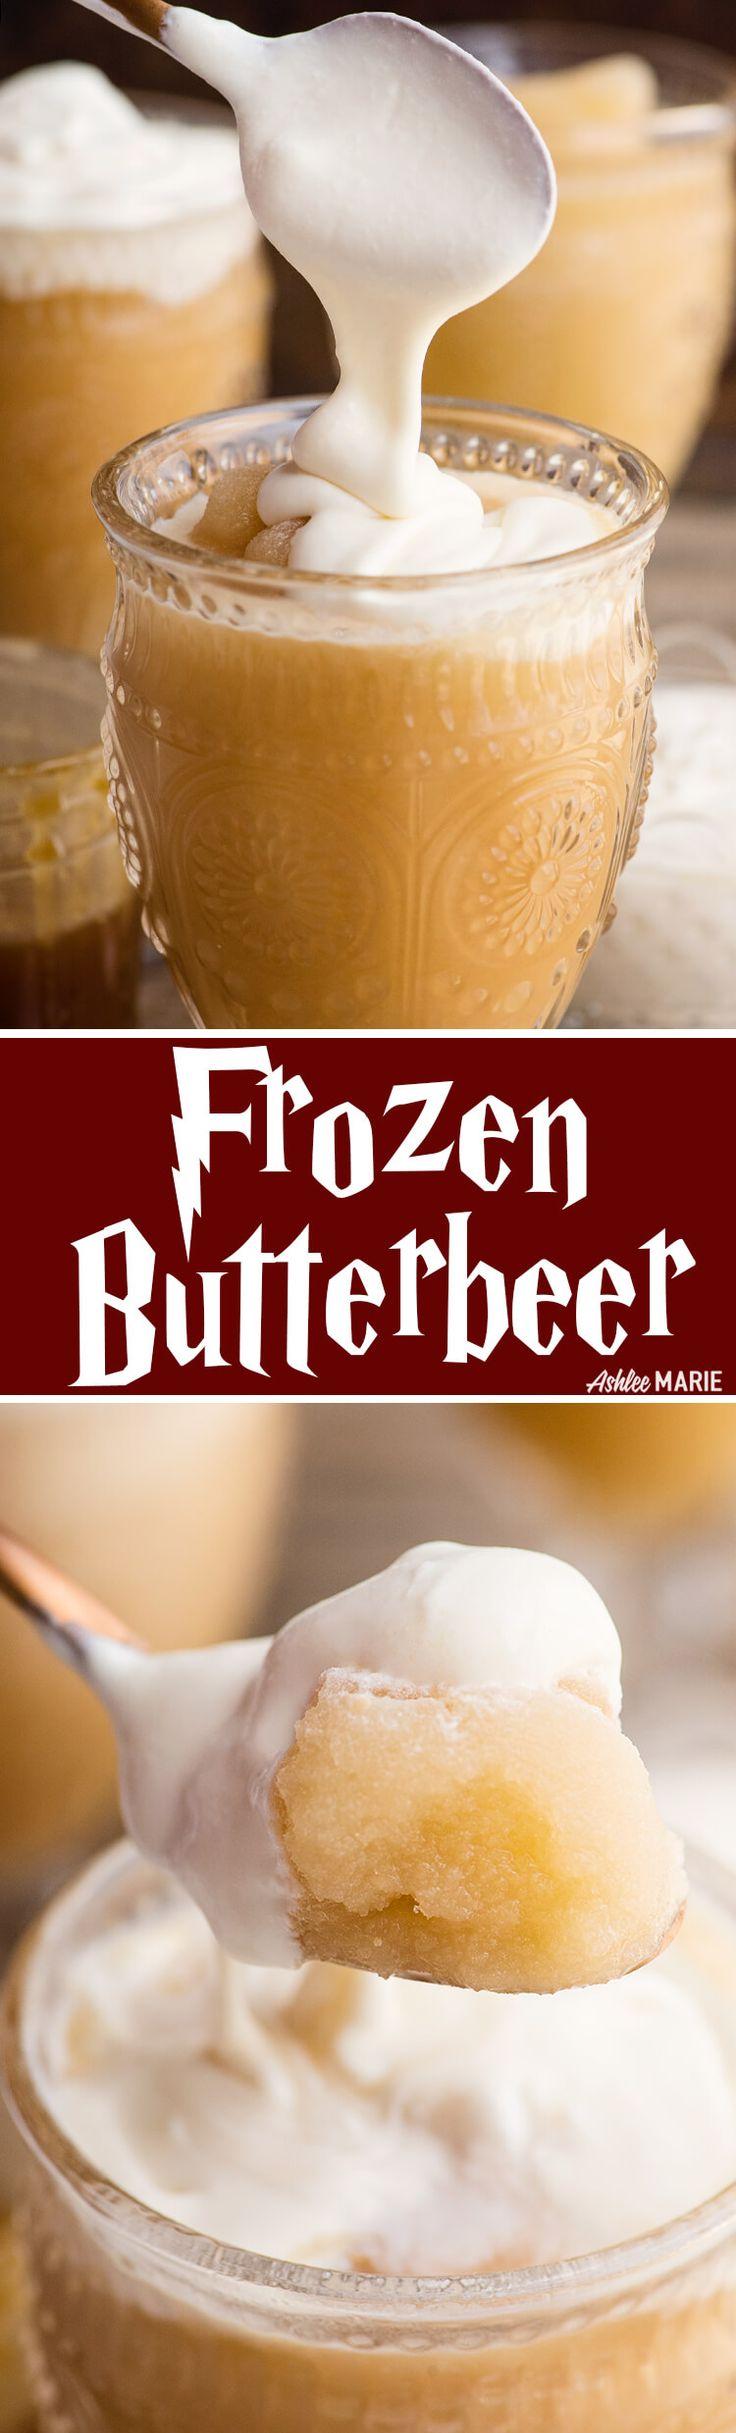 enjoy this harry potter favorite - homemade frozen butterbeer! recipe and video tutorial | harry potter | butterbeer | universal studios | wizarding world of harry potter | frozen butterbeer | Ashlee Marie #butterbeer #harrypotter #universalstudios via @ashleemariecake